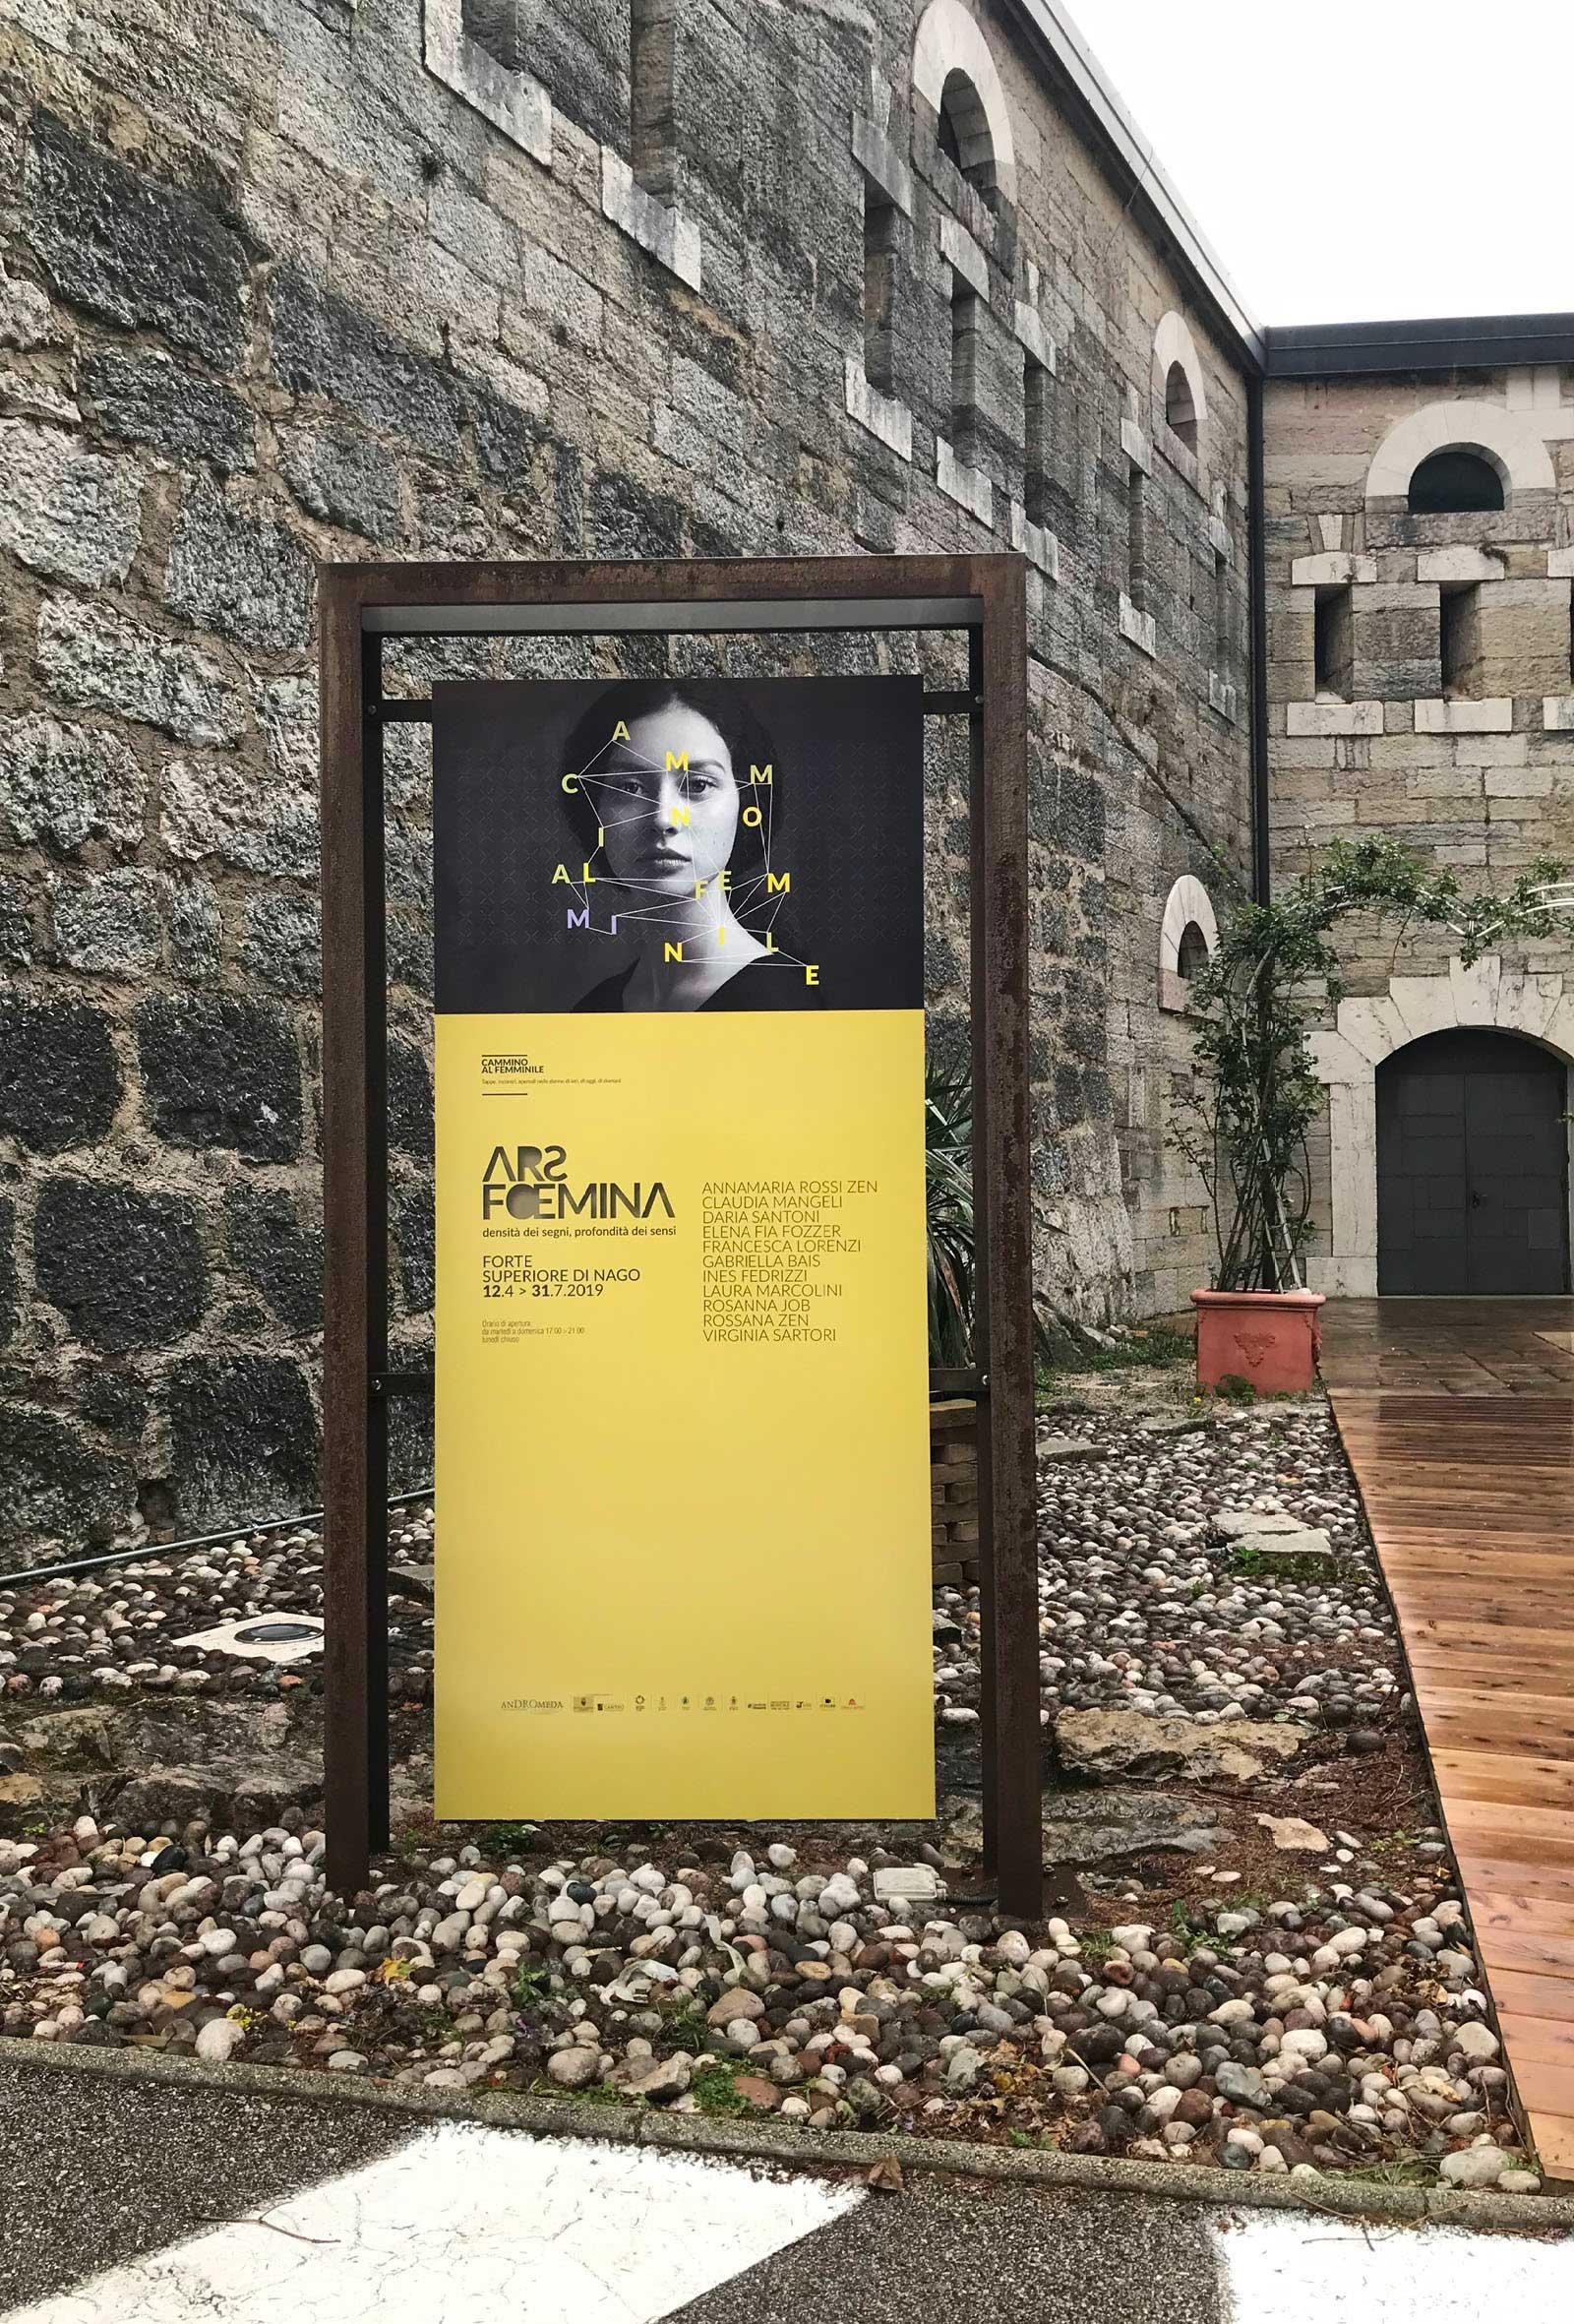 segnaletica stradale, progetto Diadestudio per la mostra di arte al femminile Ars Foemina